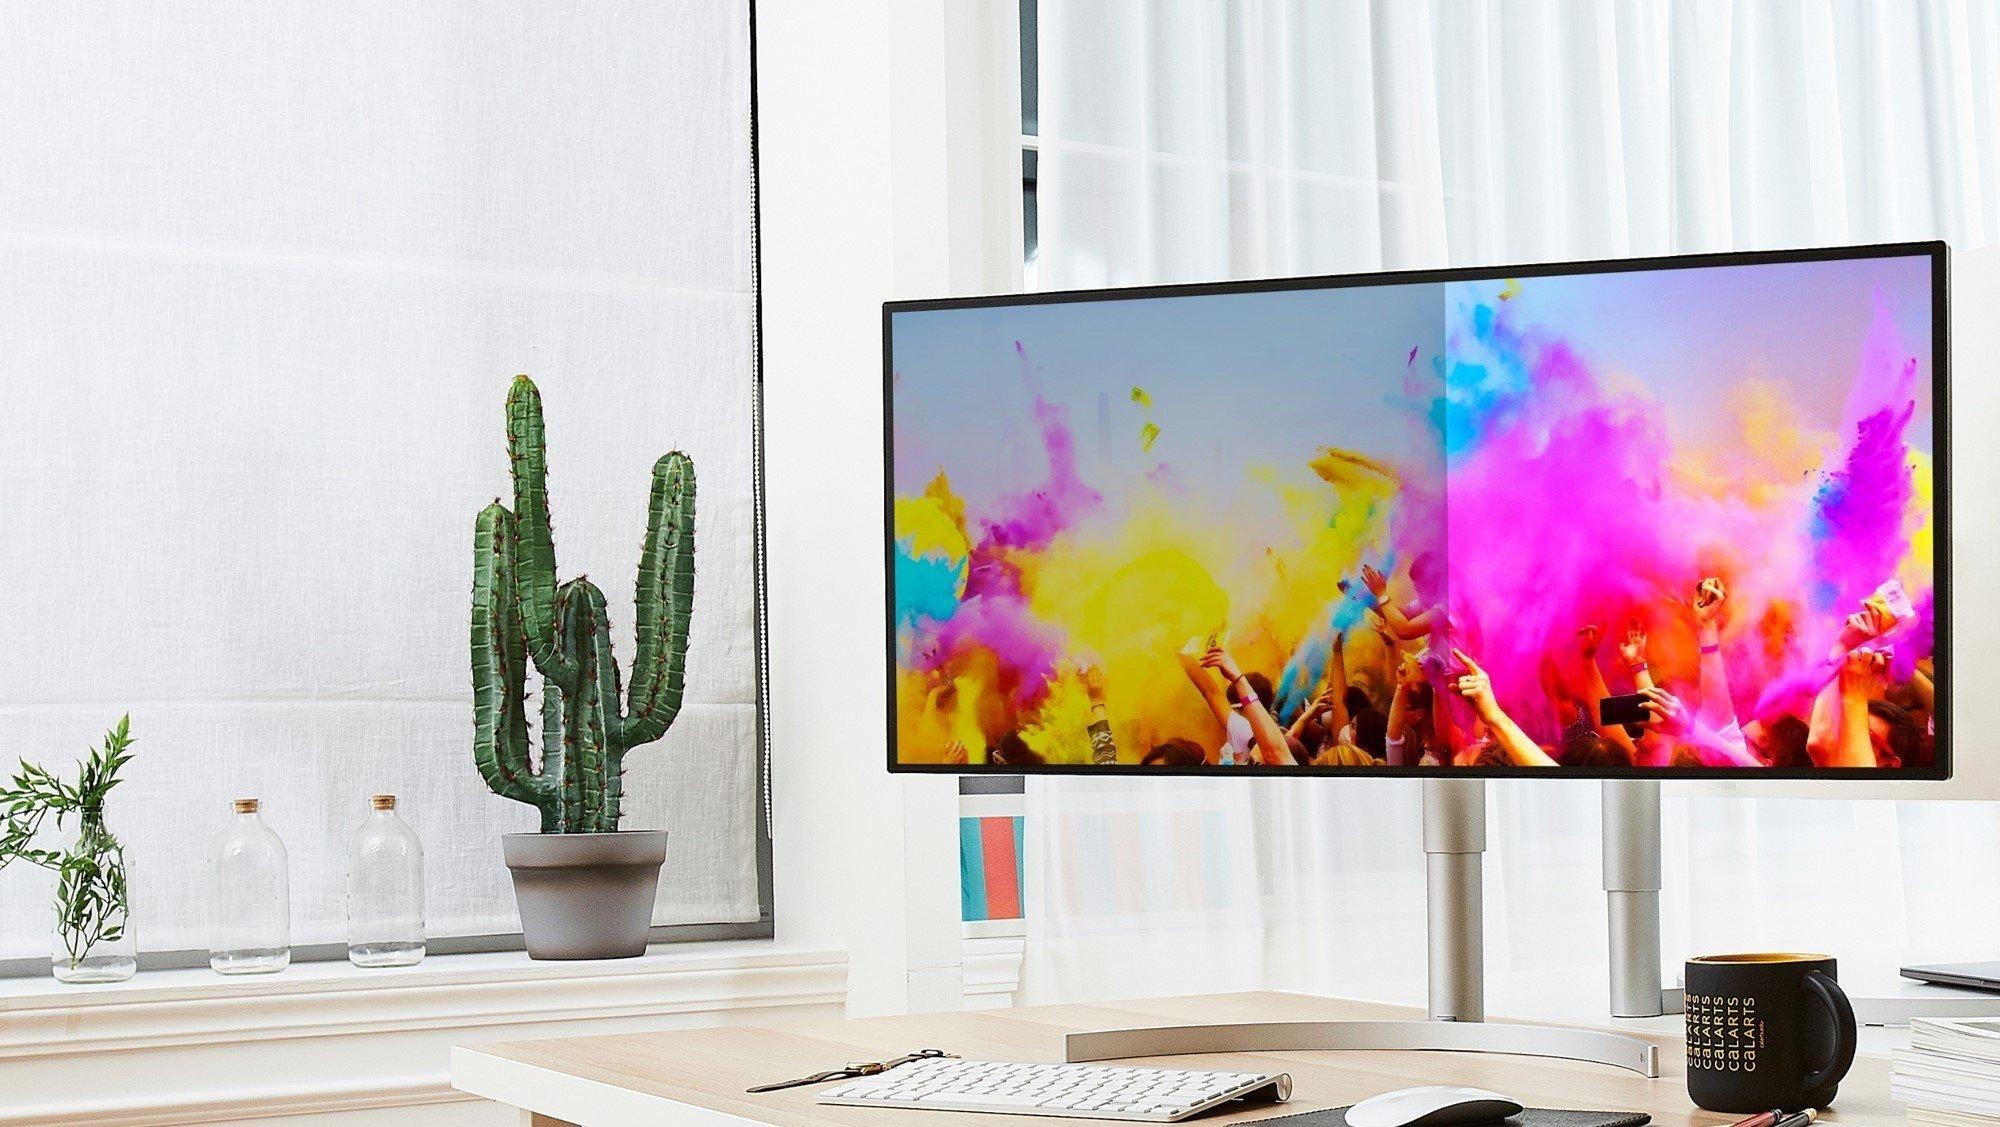 LG giới thiệu các dòng màn hình máy tính cao cấp năm 2019